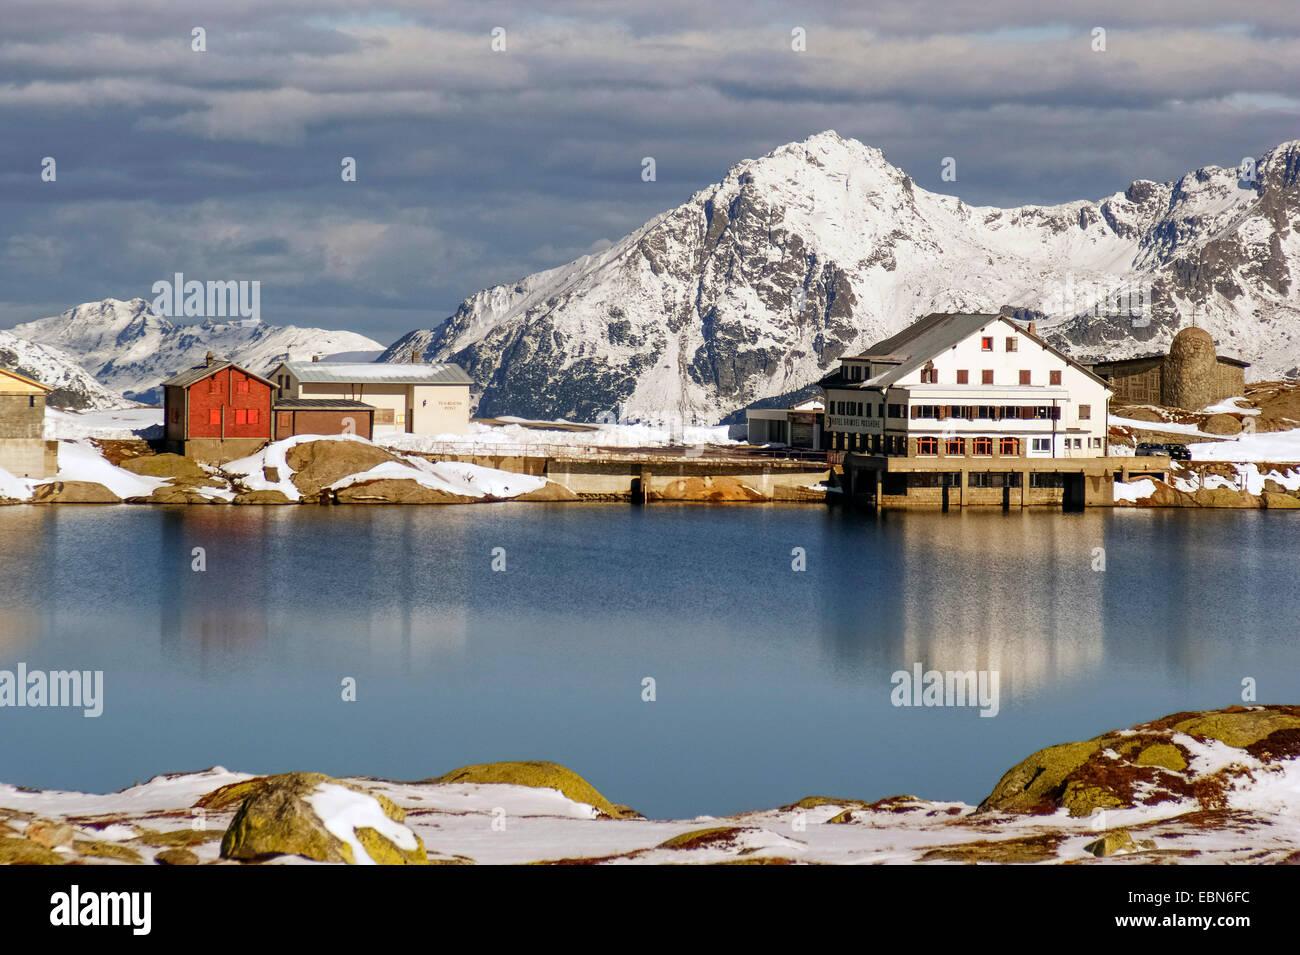 Grimsel Pass and mountain lake, Switzerland, Valais, Oberwallis - Stock Image